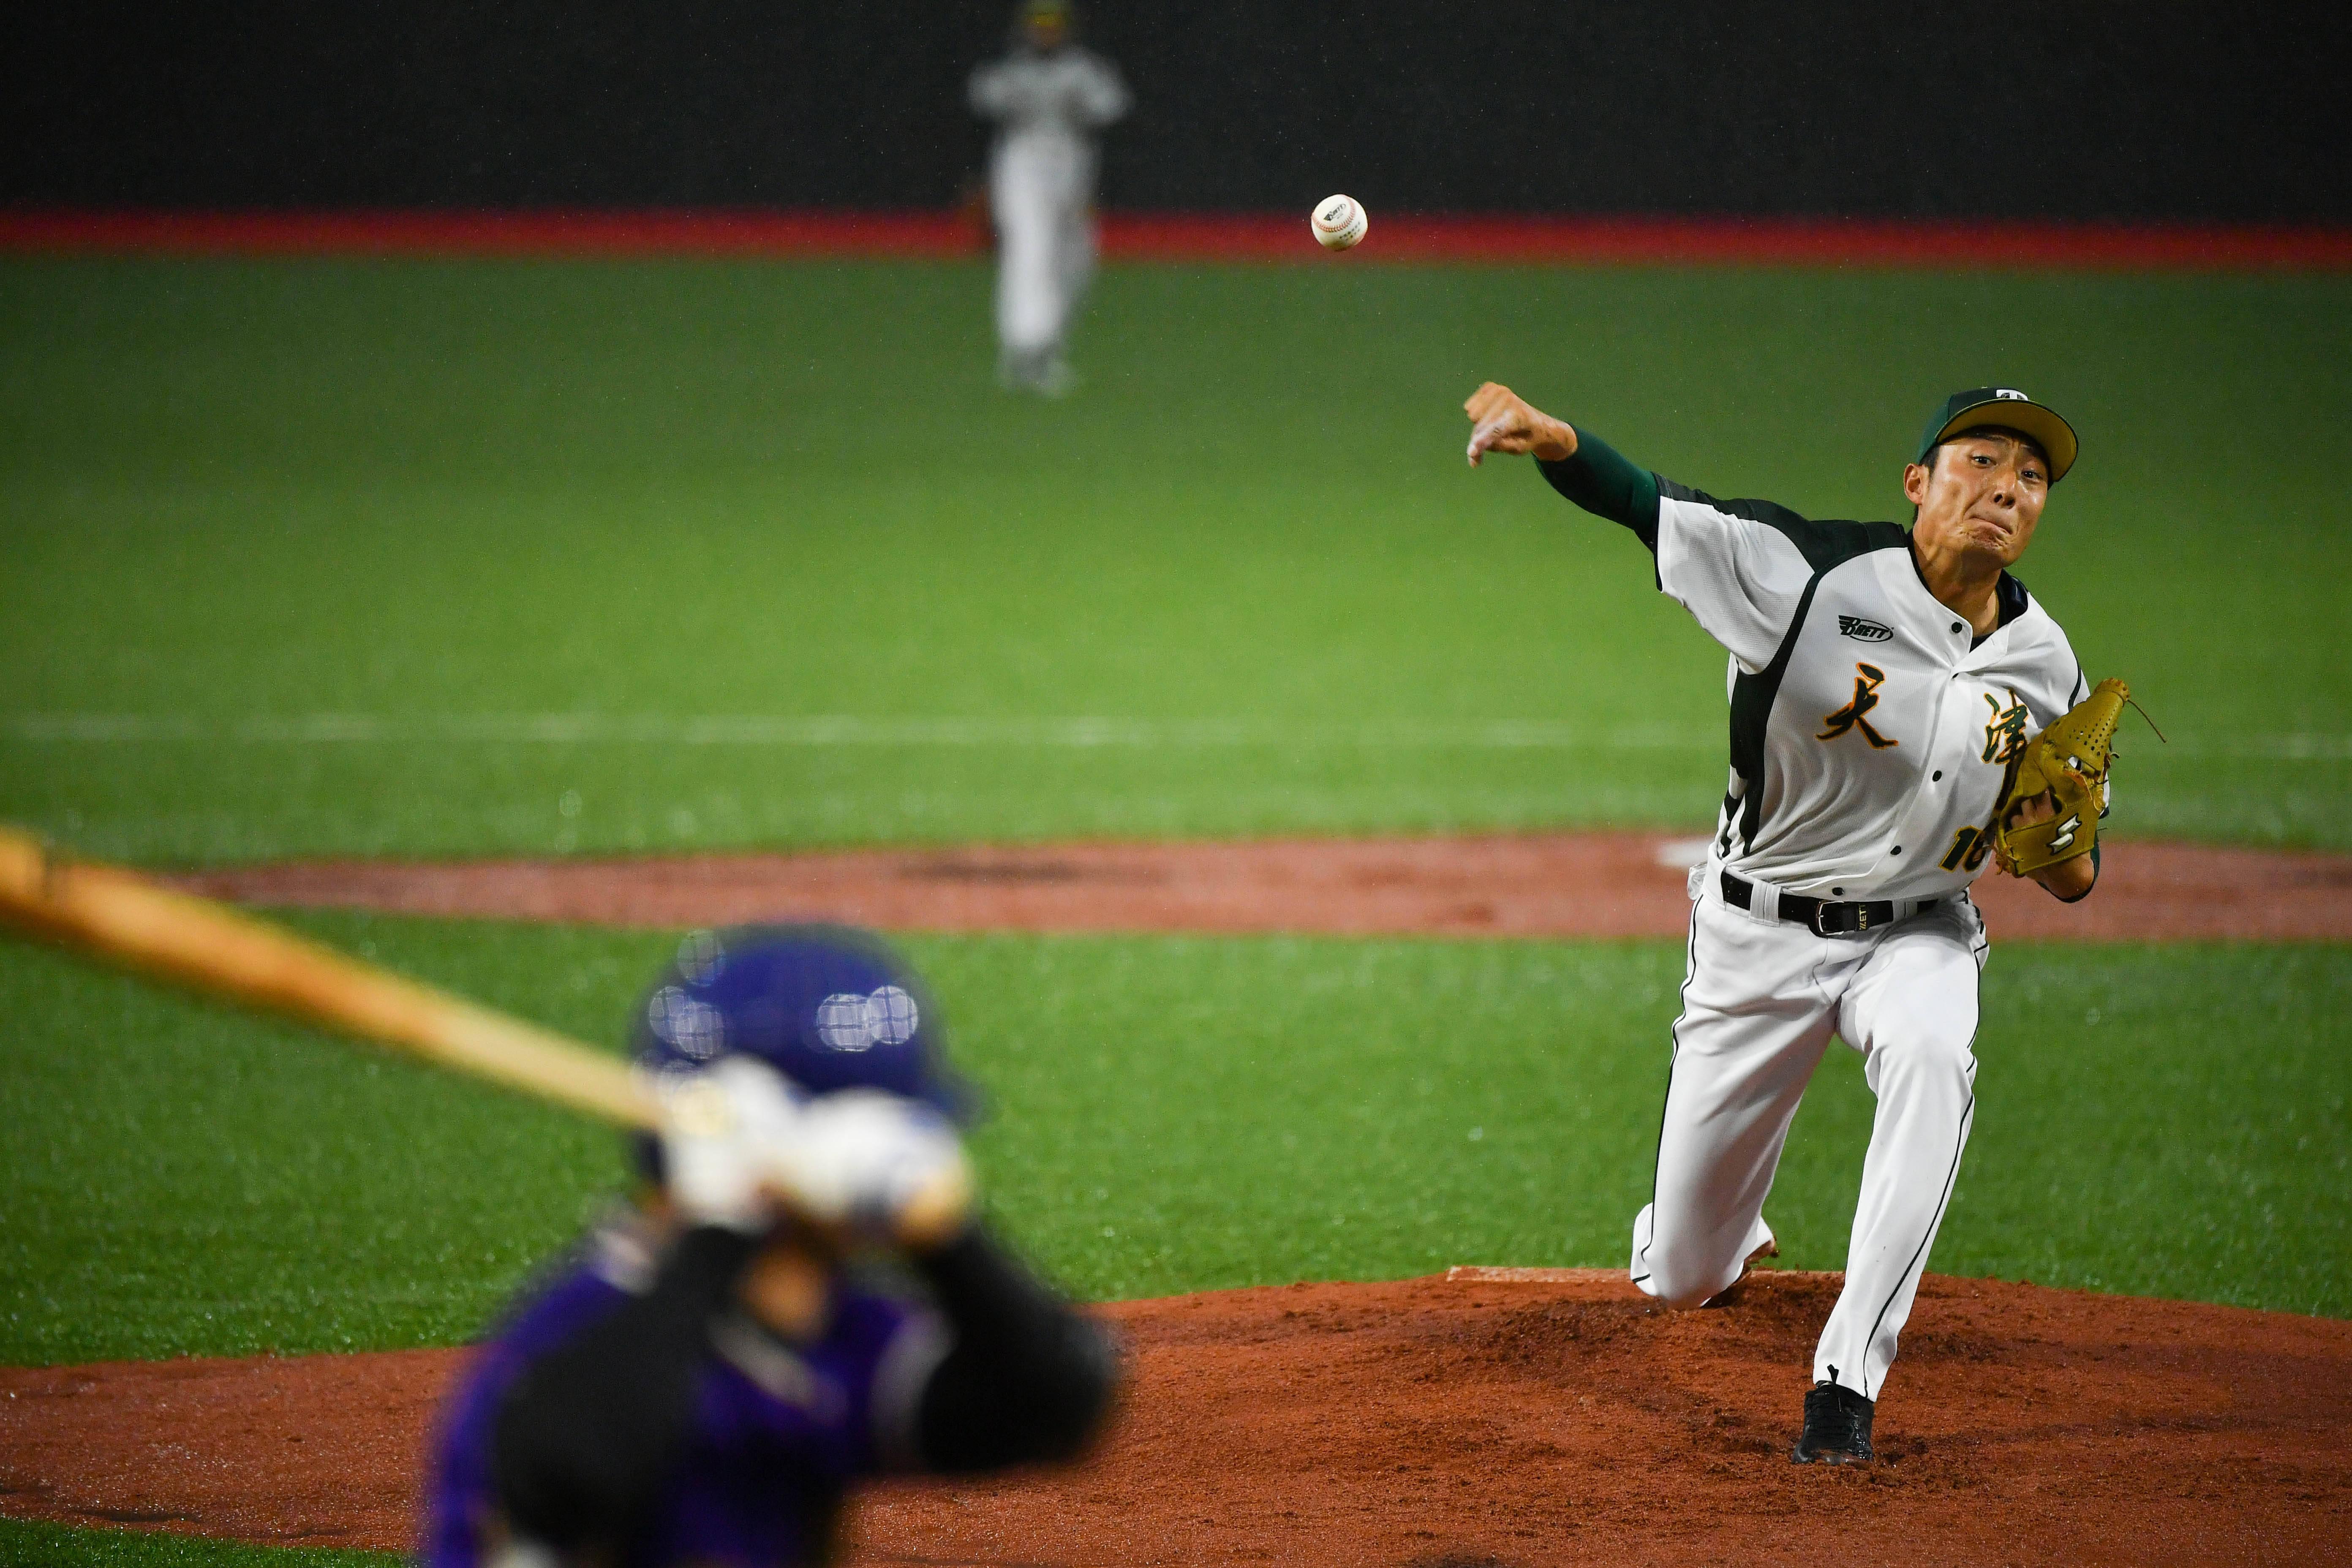 棒球——男子小组赛:天津胜四川